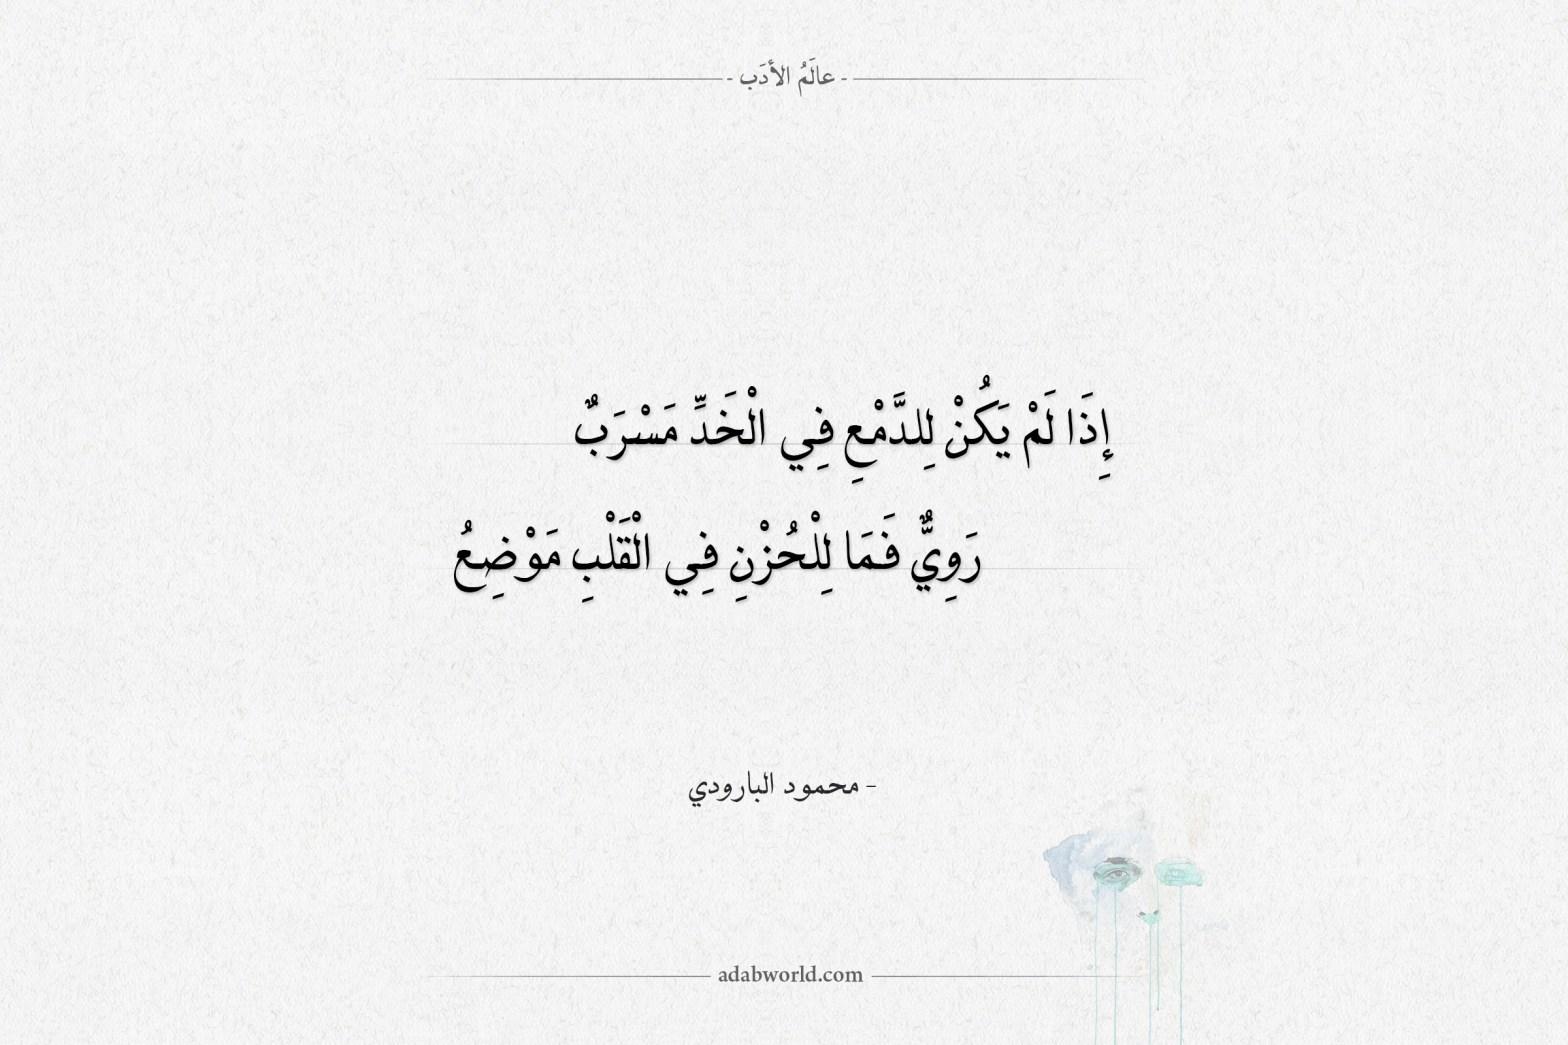 شعر محمود البارودي إذا لم يكن للدمع في الخد مسرب